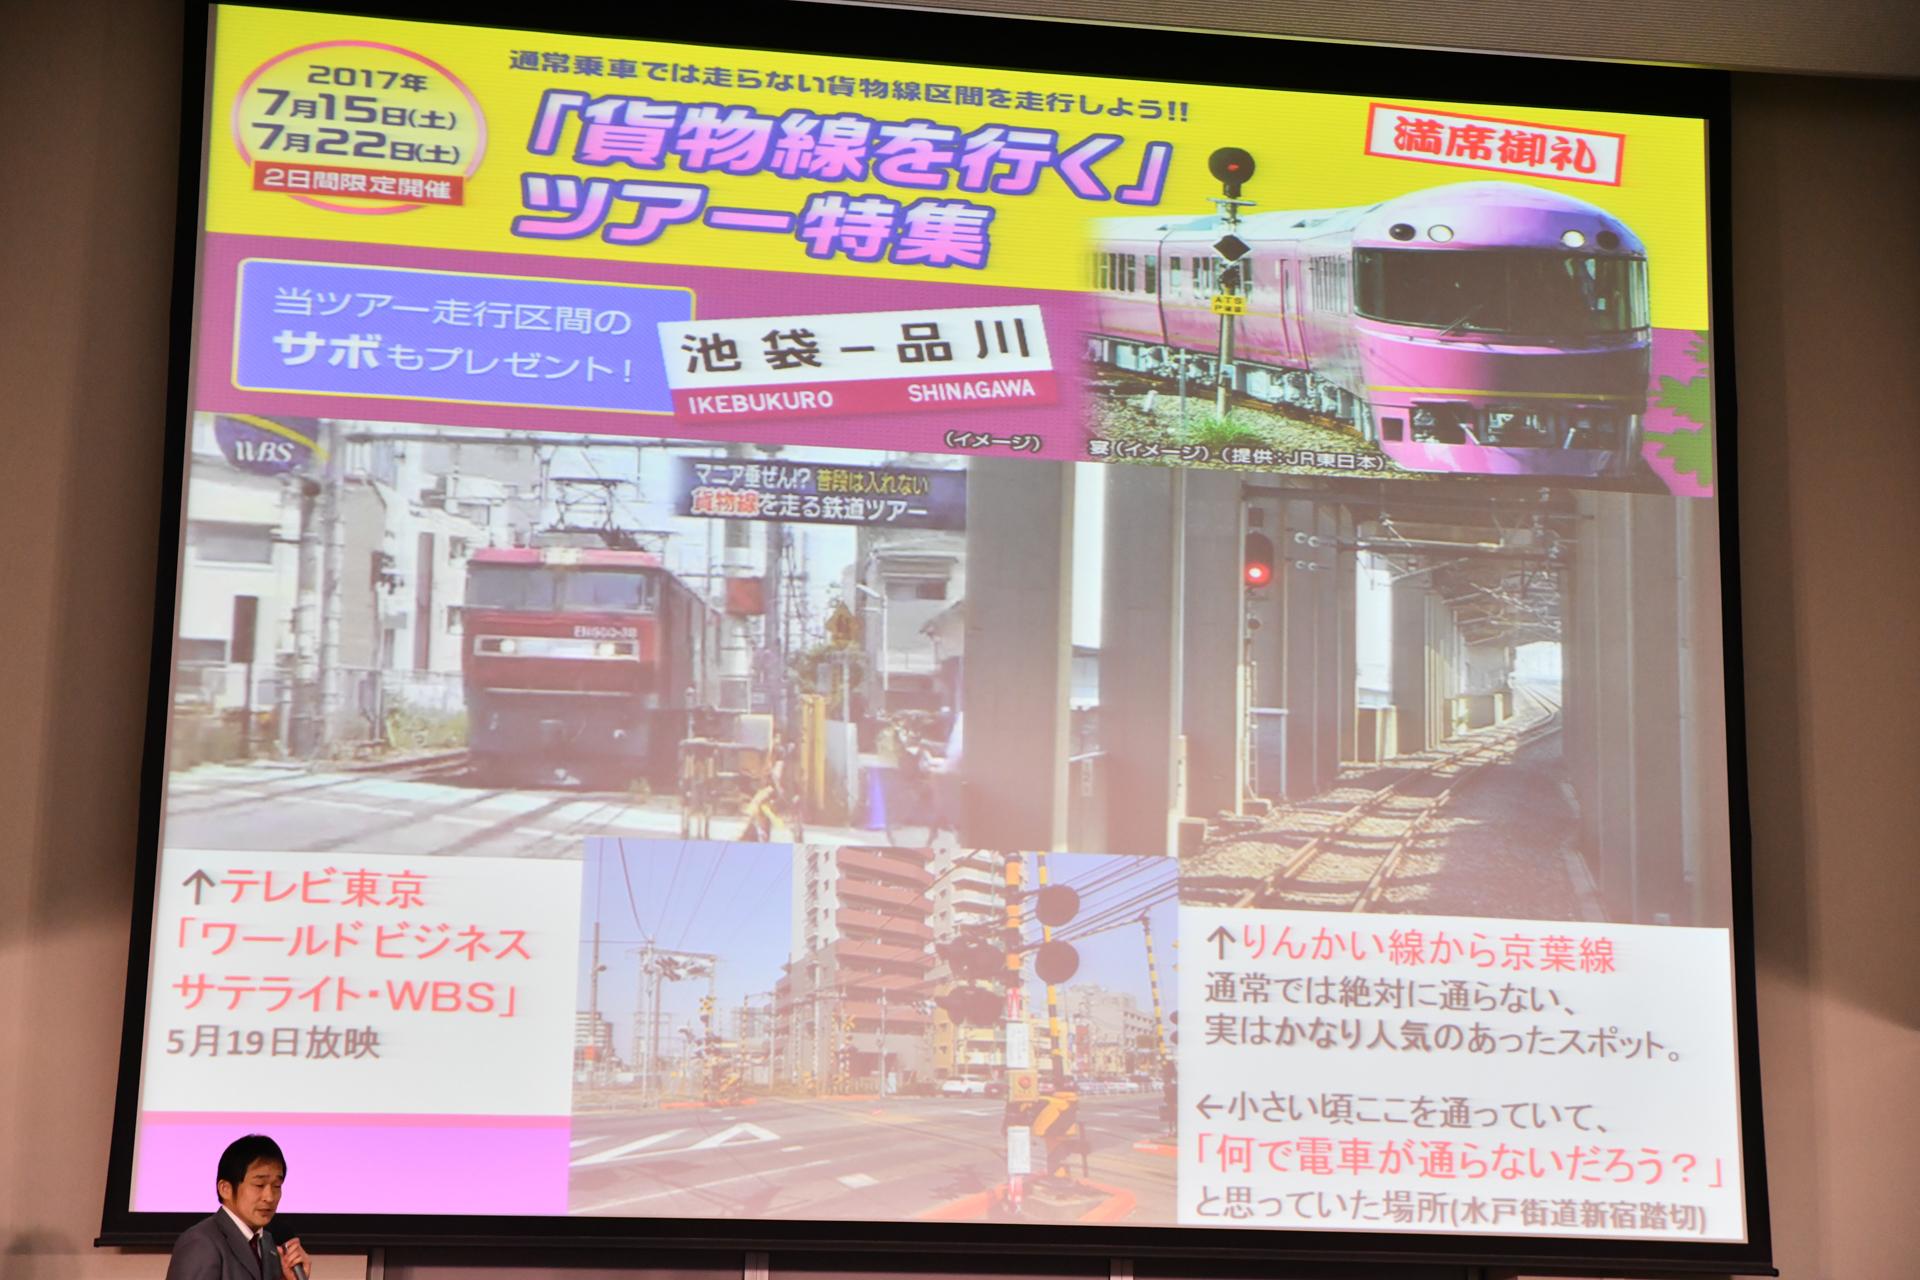 第7回 鉄旅オブザイヤー 授賞式